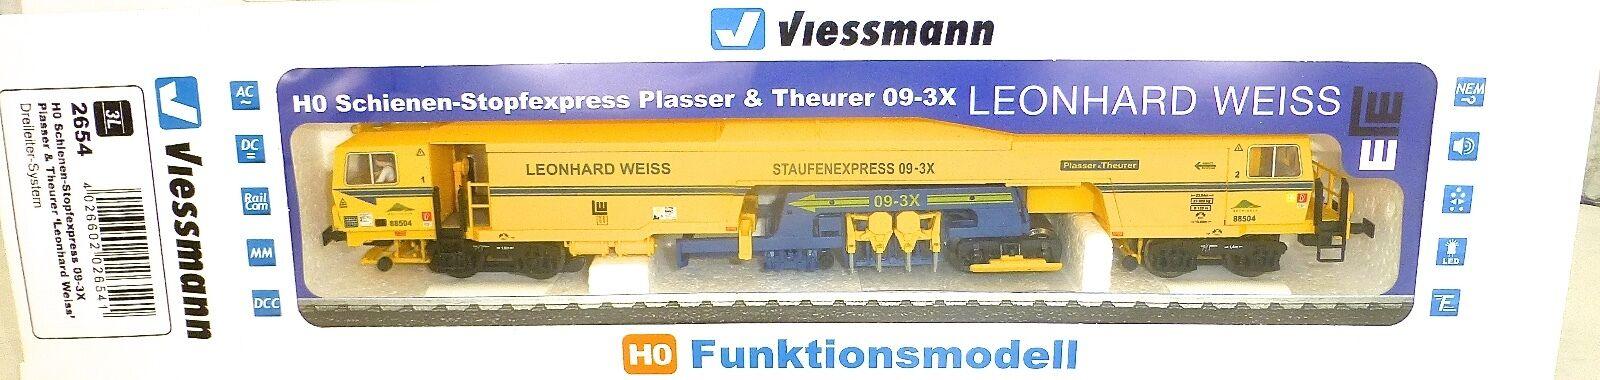 Piste de Bourrage 09-3X 3-L Son Numérique Viessmann 2654 H0 Neuf KB2 Μ